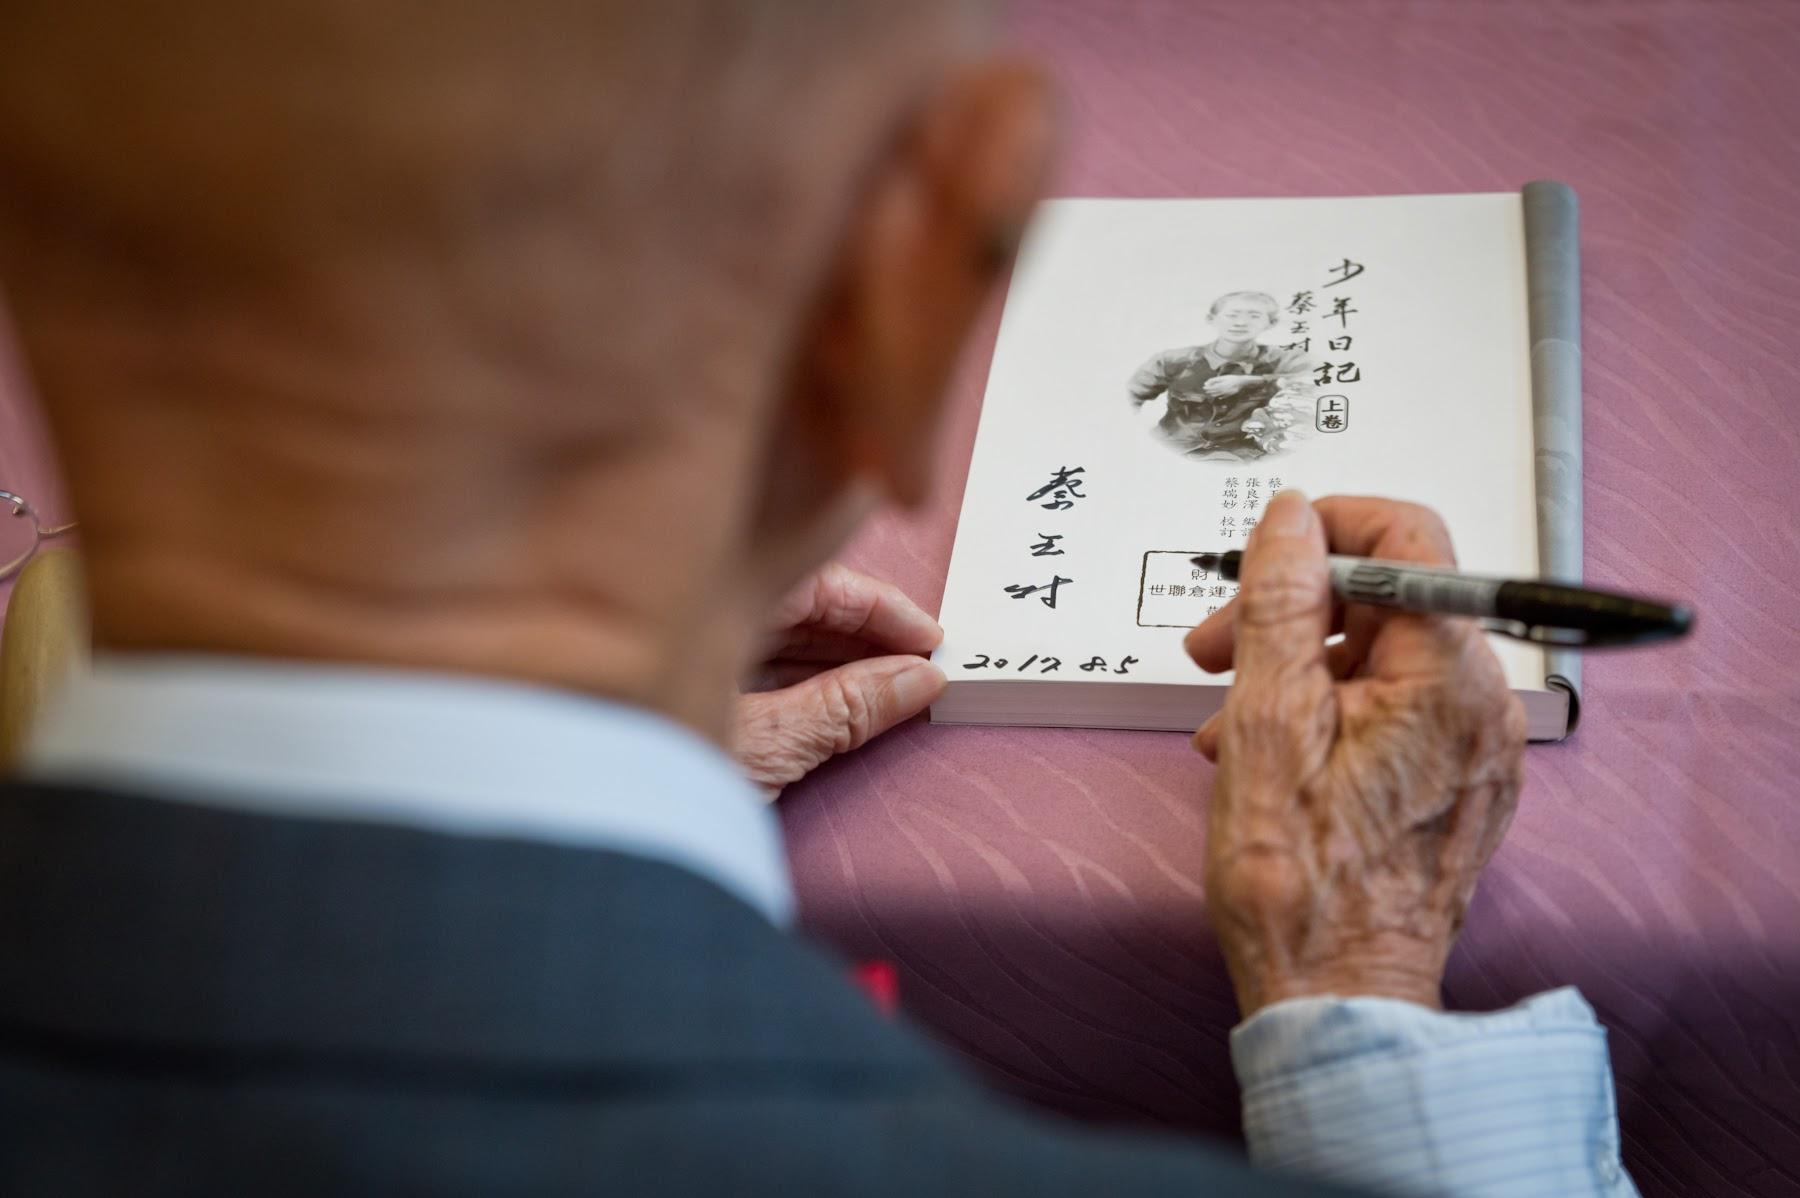 蔡玉村先生在「少年日記」的新書上簽名,贈送來賓。